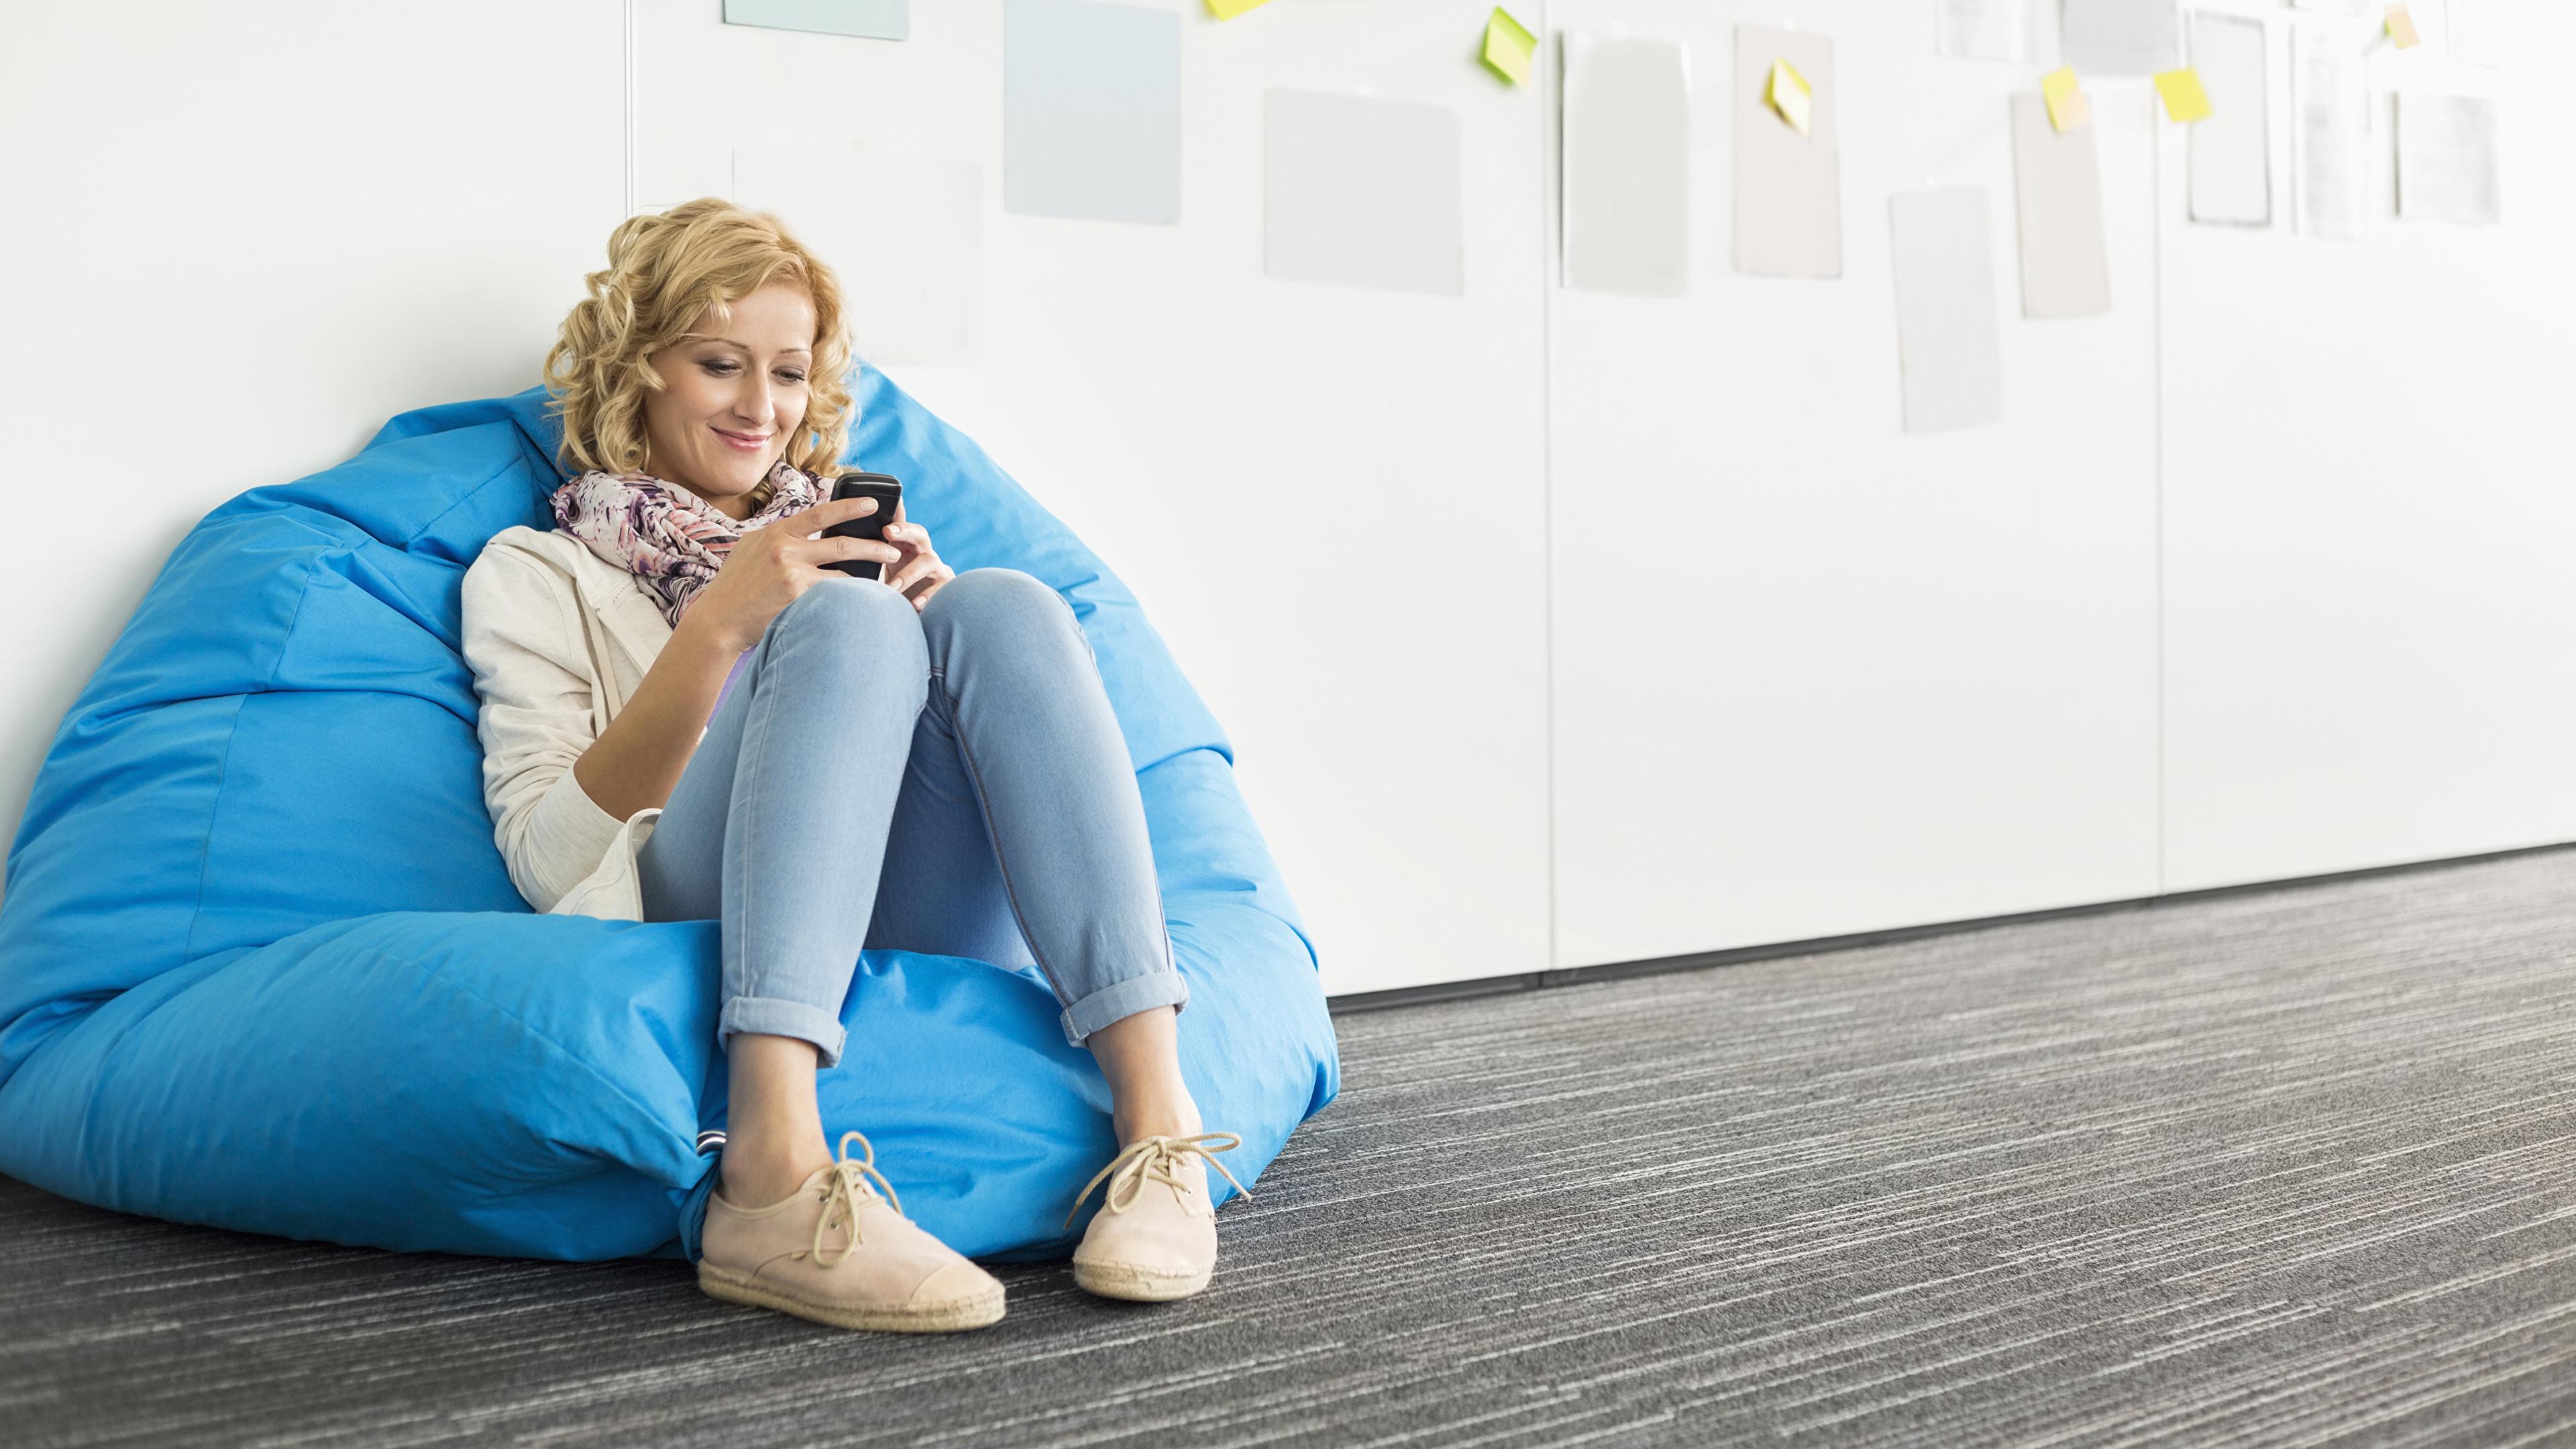 Fotos von Blond Mädchen Lächeln Mädchens Bein sitzt 3840x2160 Blondine sitzen Sitzend